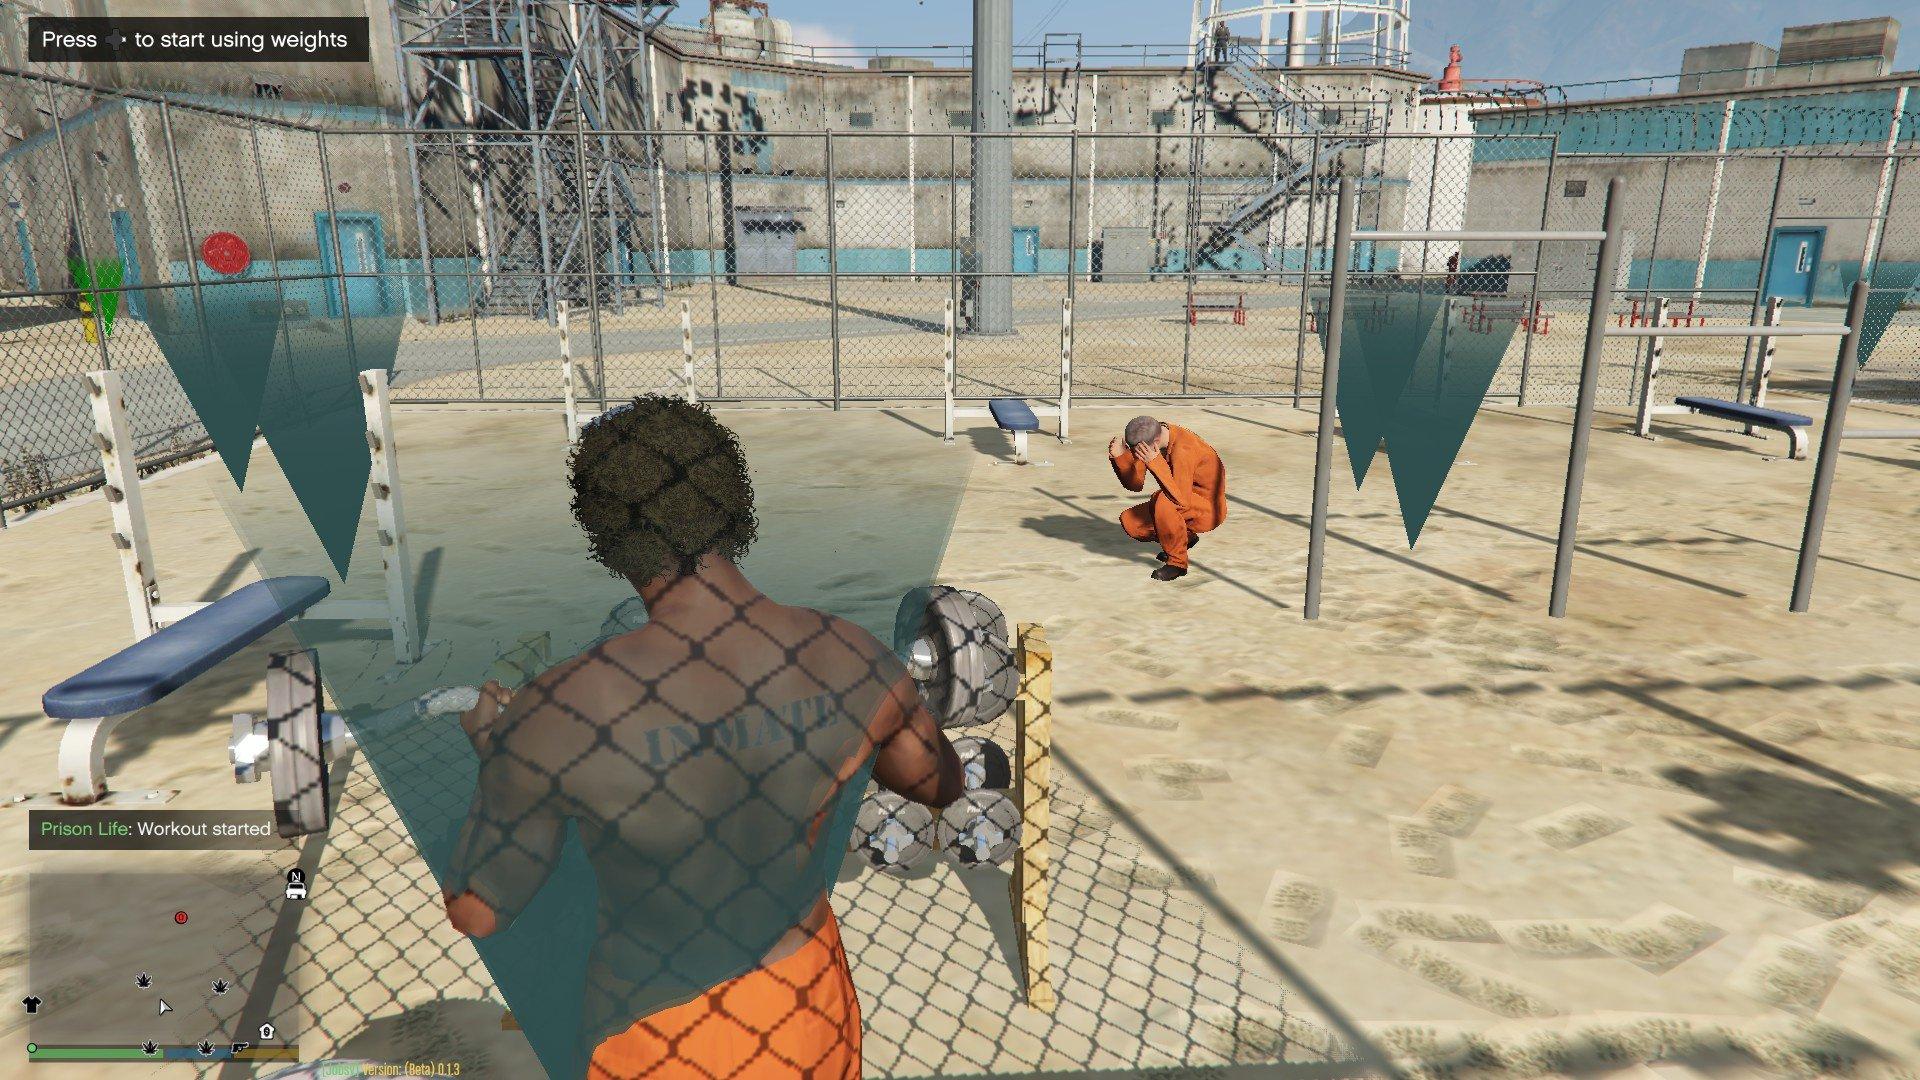 Gta 5 Prison Life 02 Jobs In Der Knast Mod Let S Play Gta V